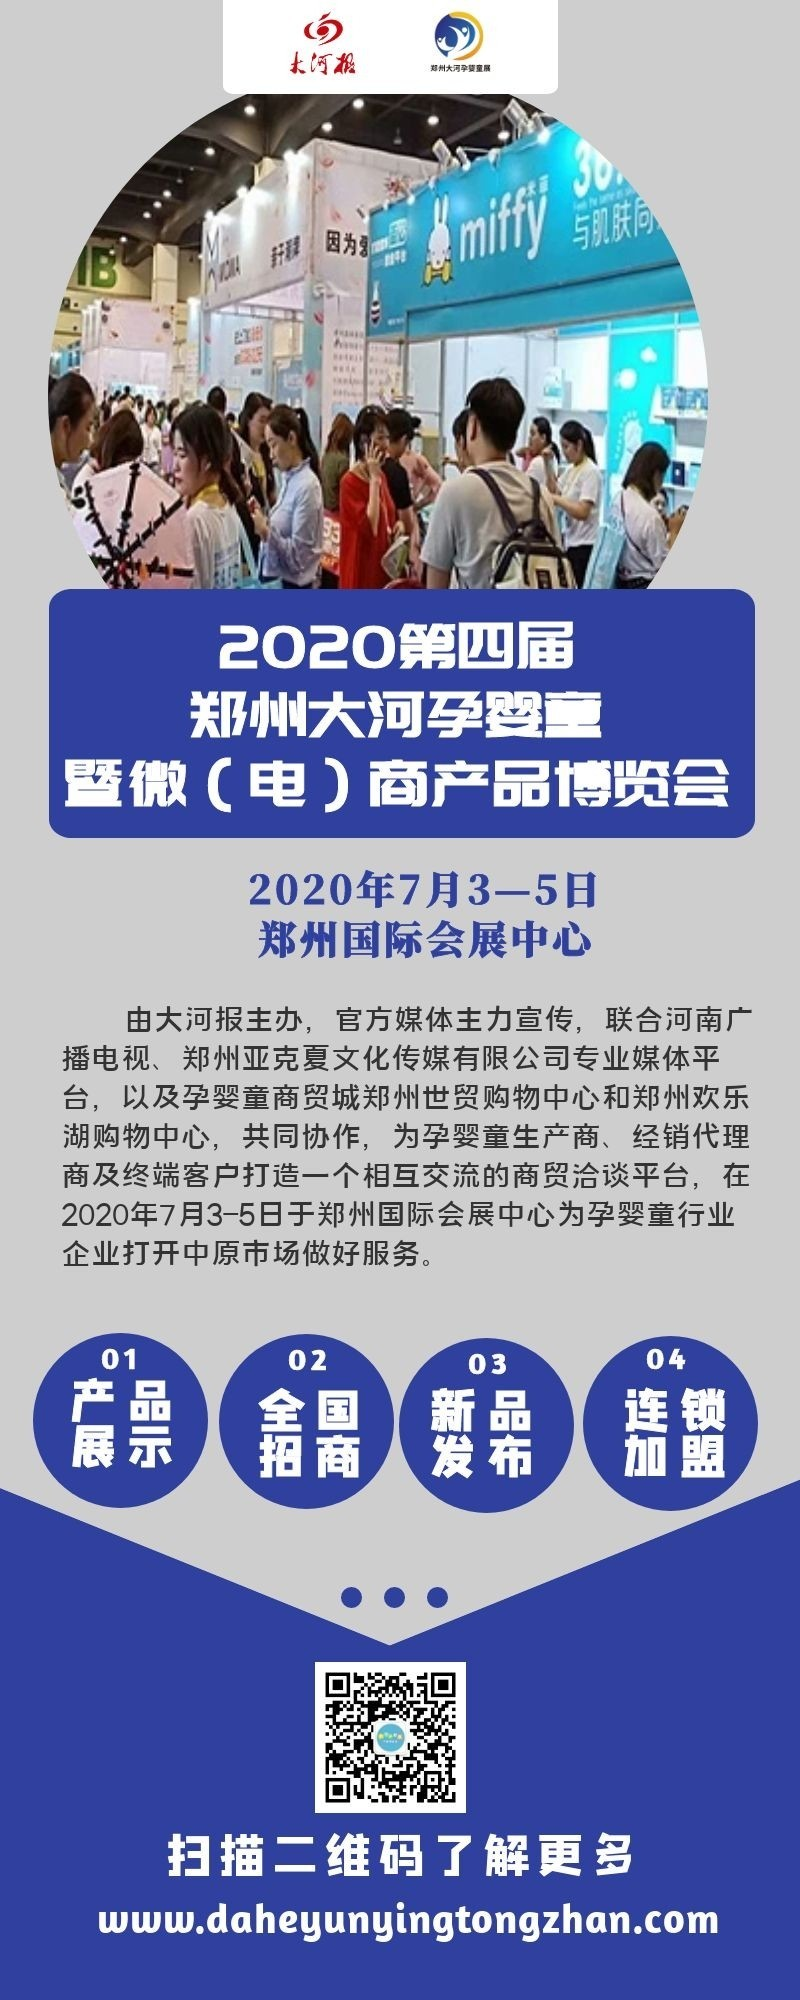 微信图片_20200527092748.jpg